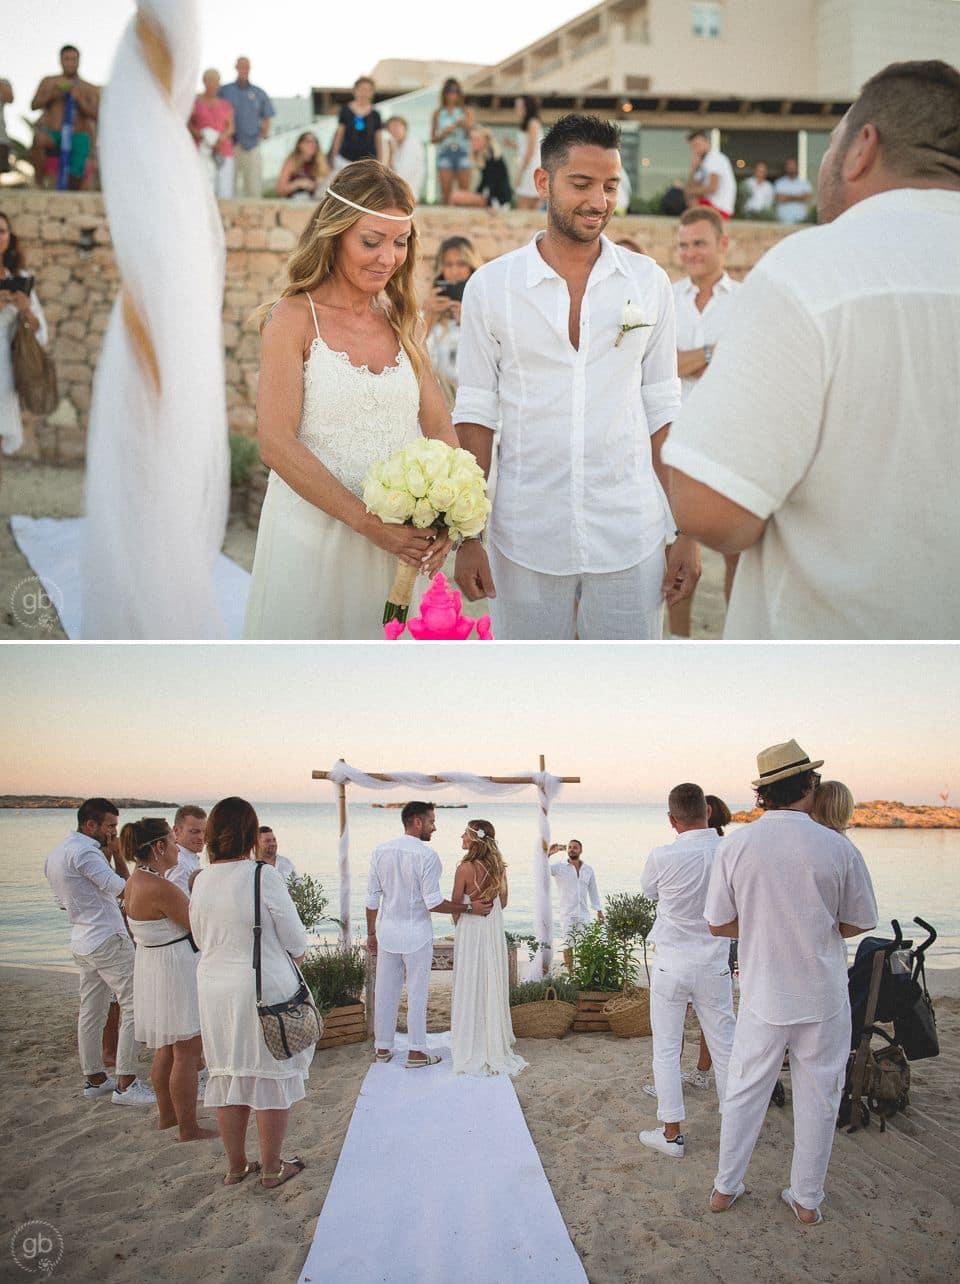 matrimonio-spiaggia-formentera-giorgio-baruffi-fotografo_0016.jpg